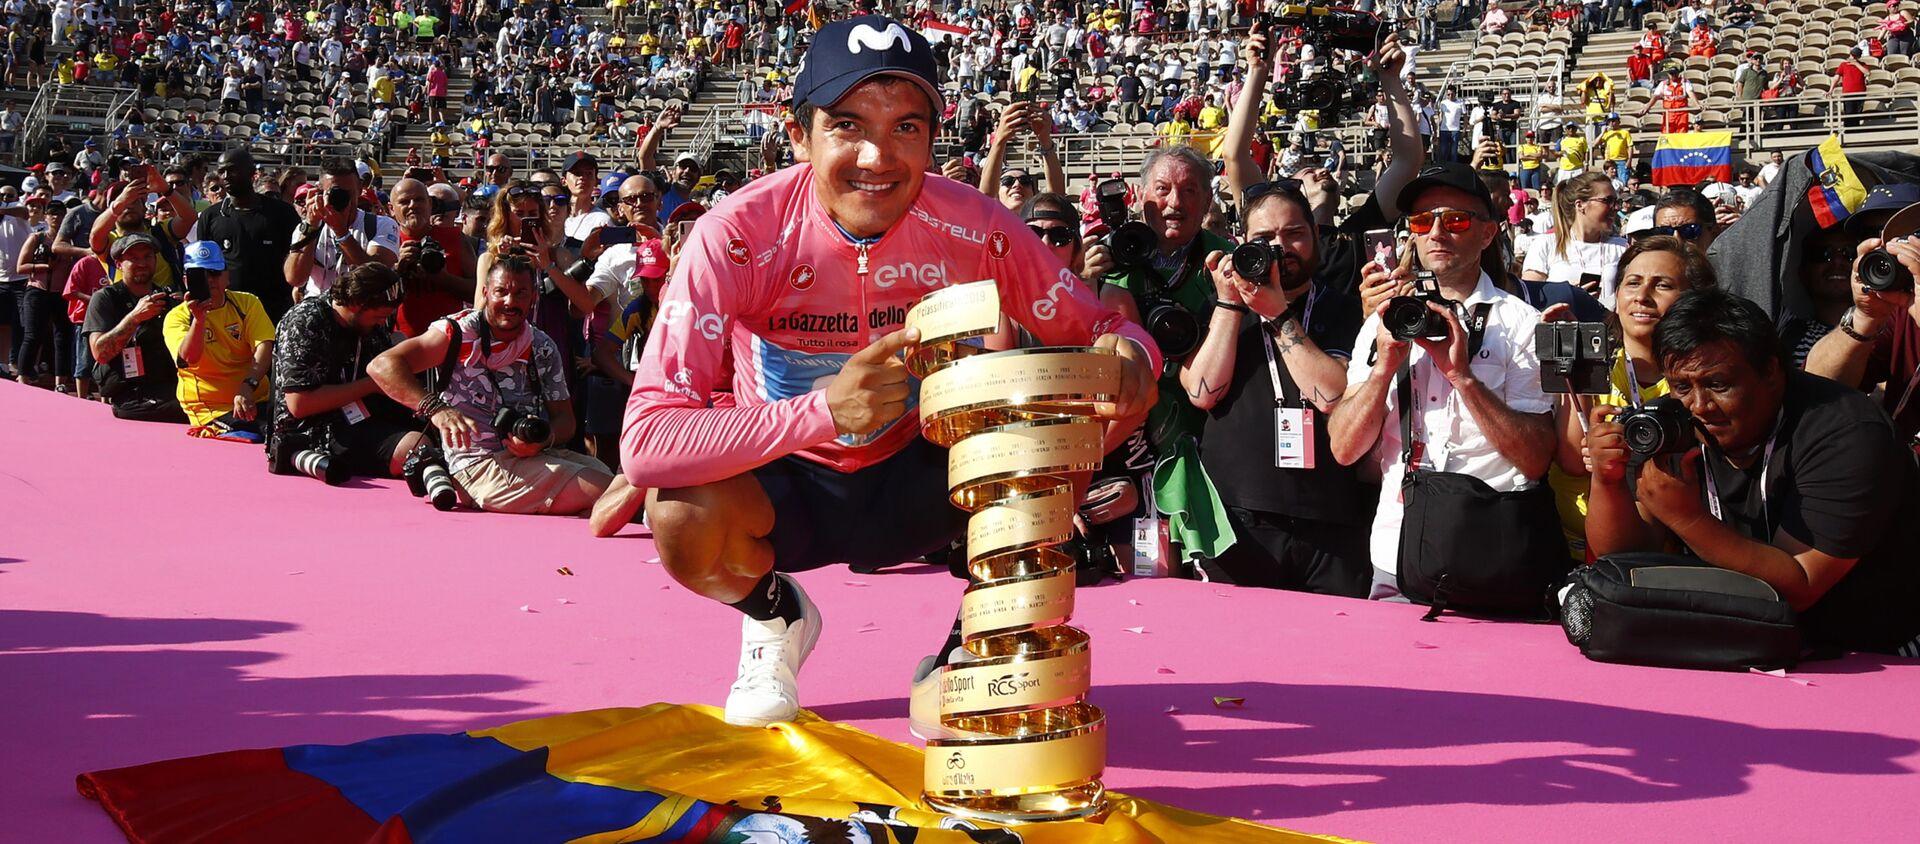 Richard Carapaz ostentando el primer premio del Giro de Italia 2019 sobre la bandera de Ecuador - Sputnik Mundo, 1920, 04.06.2019